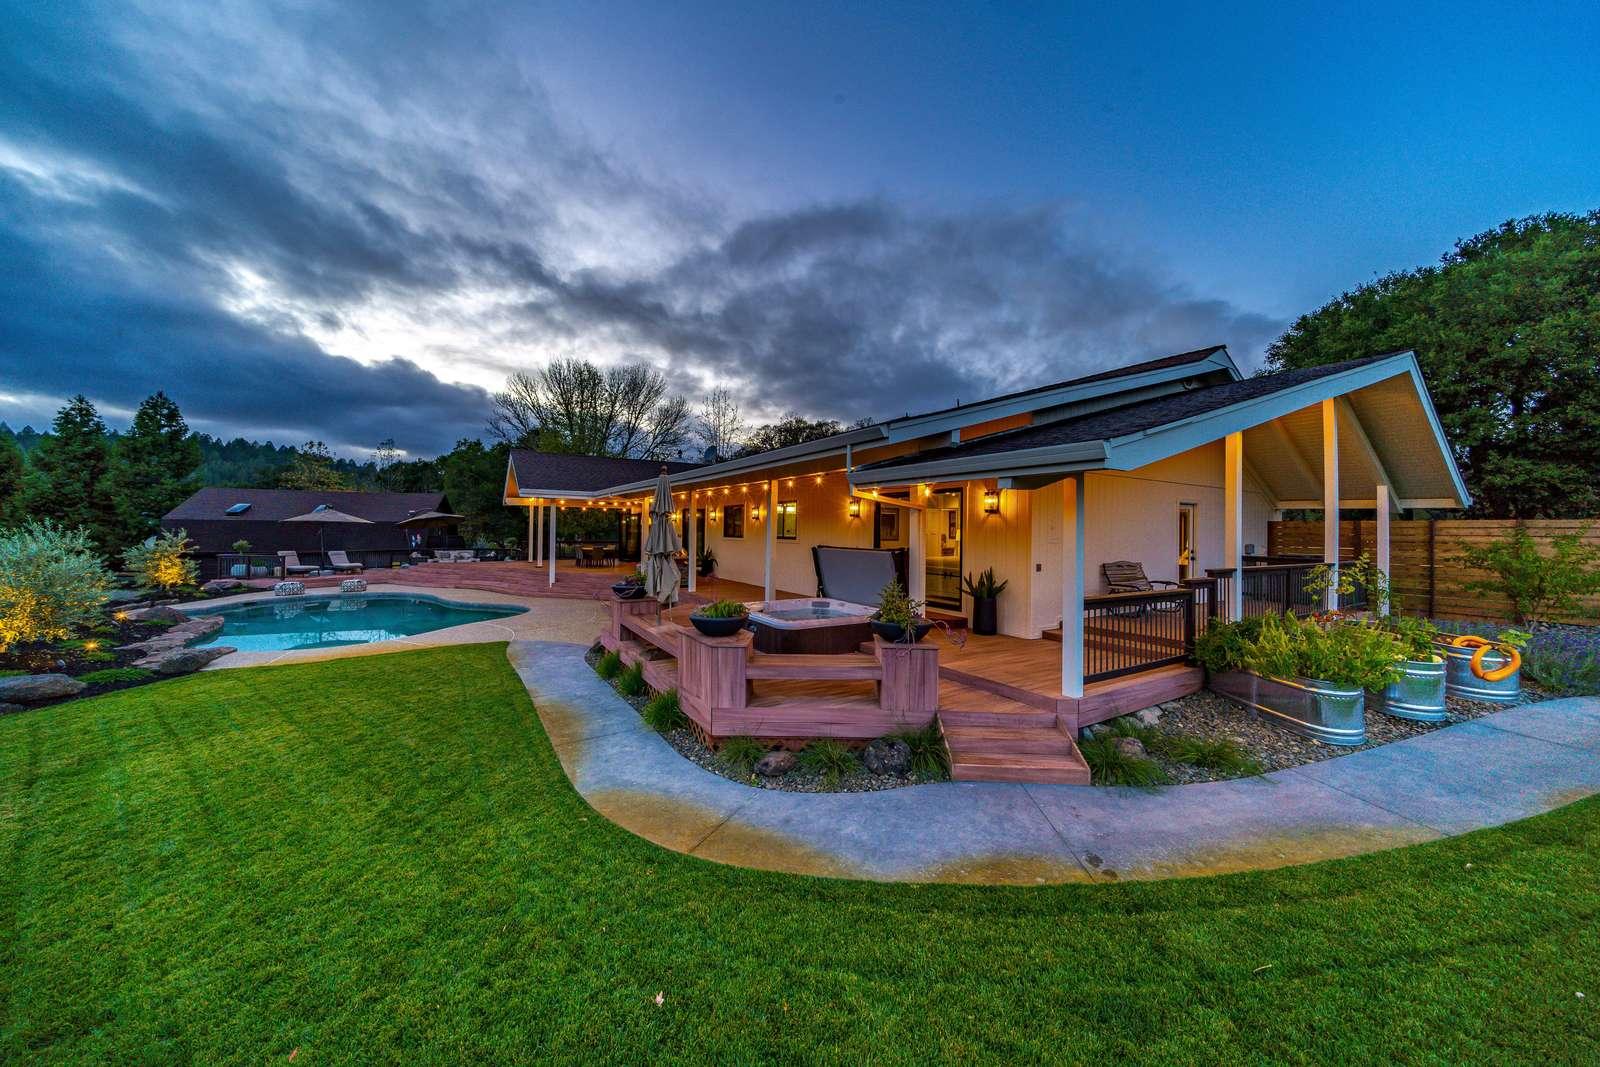 The Shygusta Ranch - property